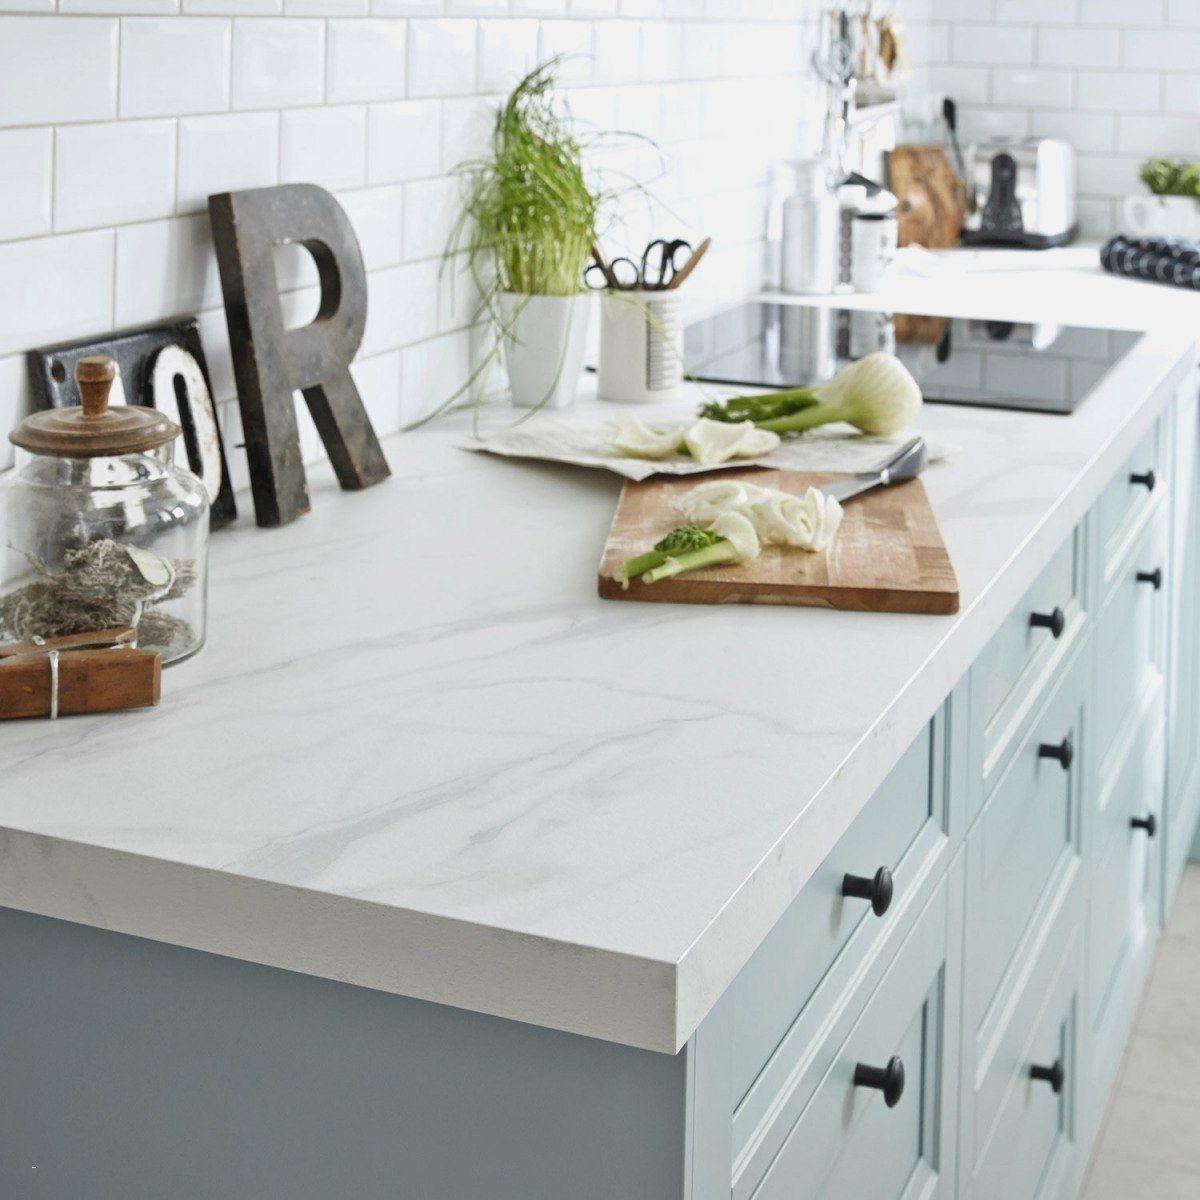 Plan De Travail Imitation Marbre Blanc Brillant Idees De Decoration Tag Marbre Blanc Plan De Travail Cuisine Moderne